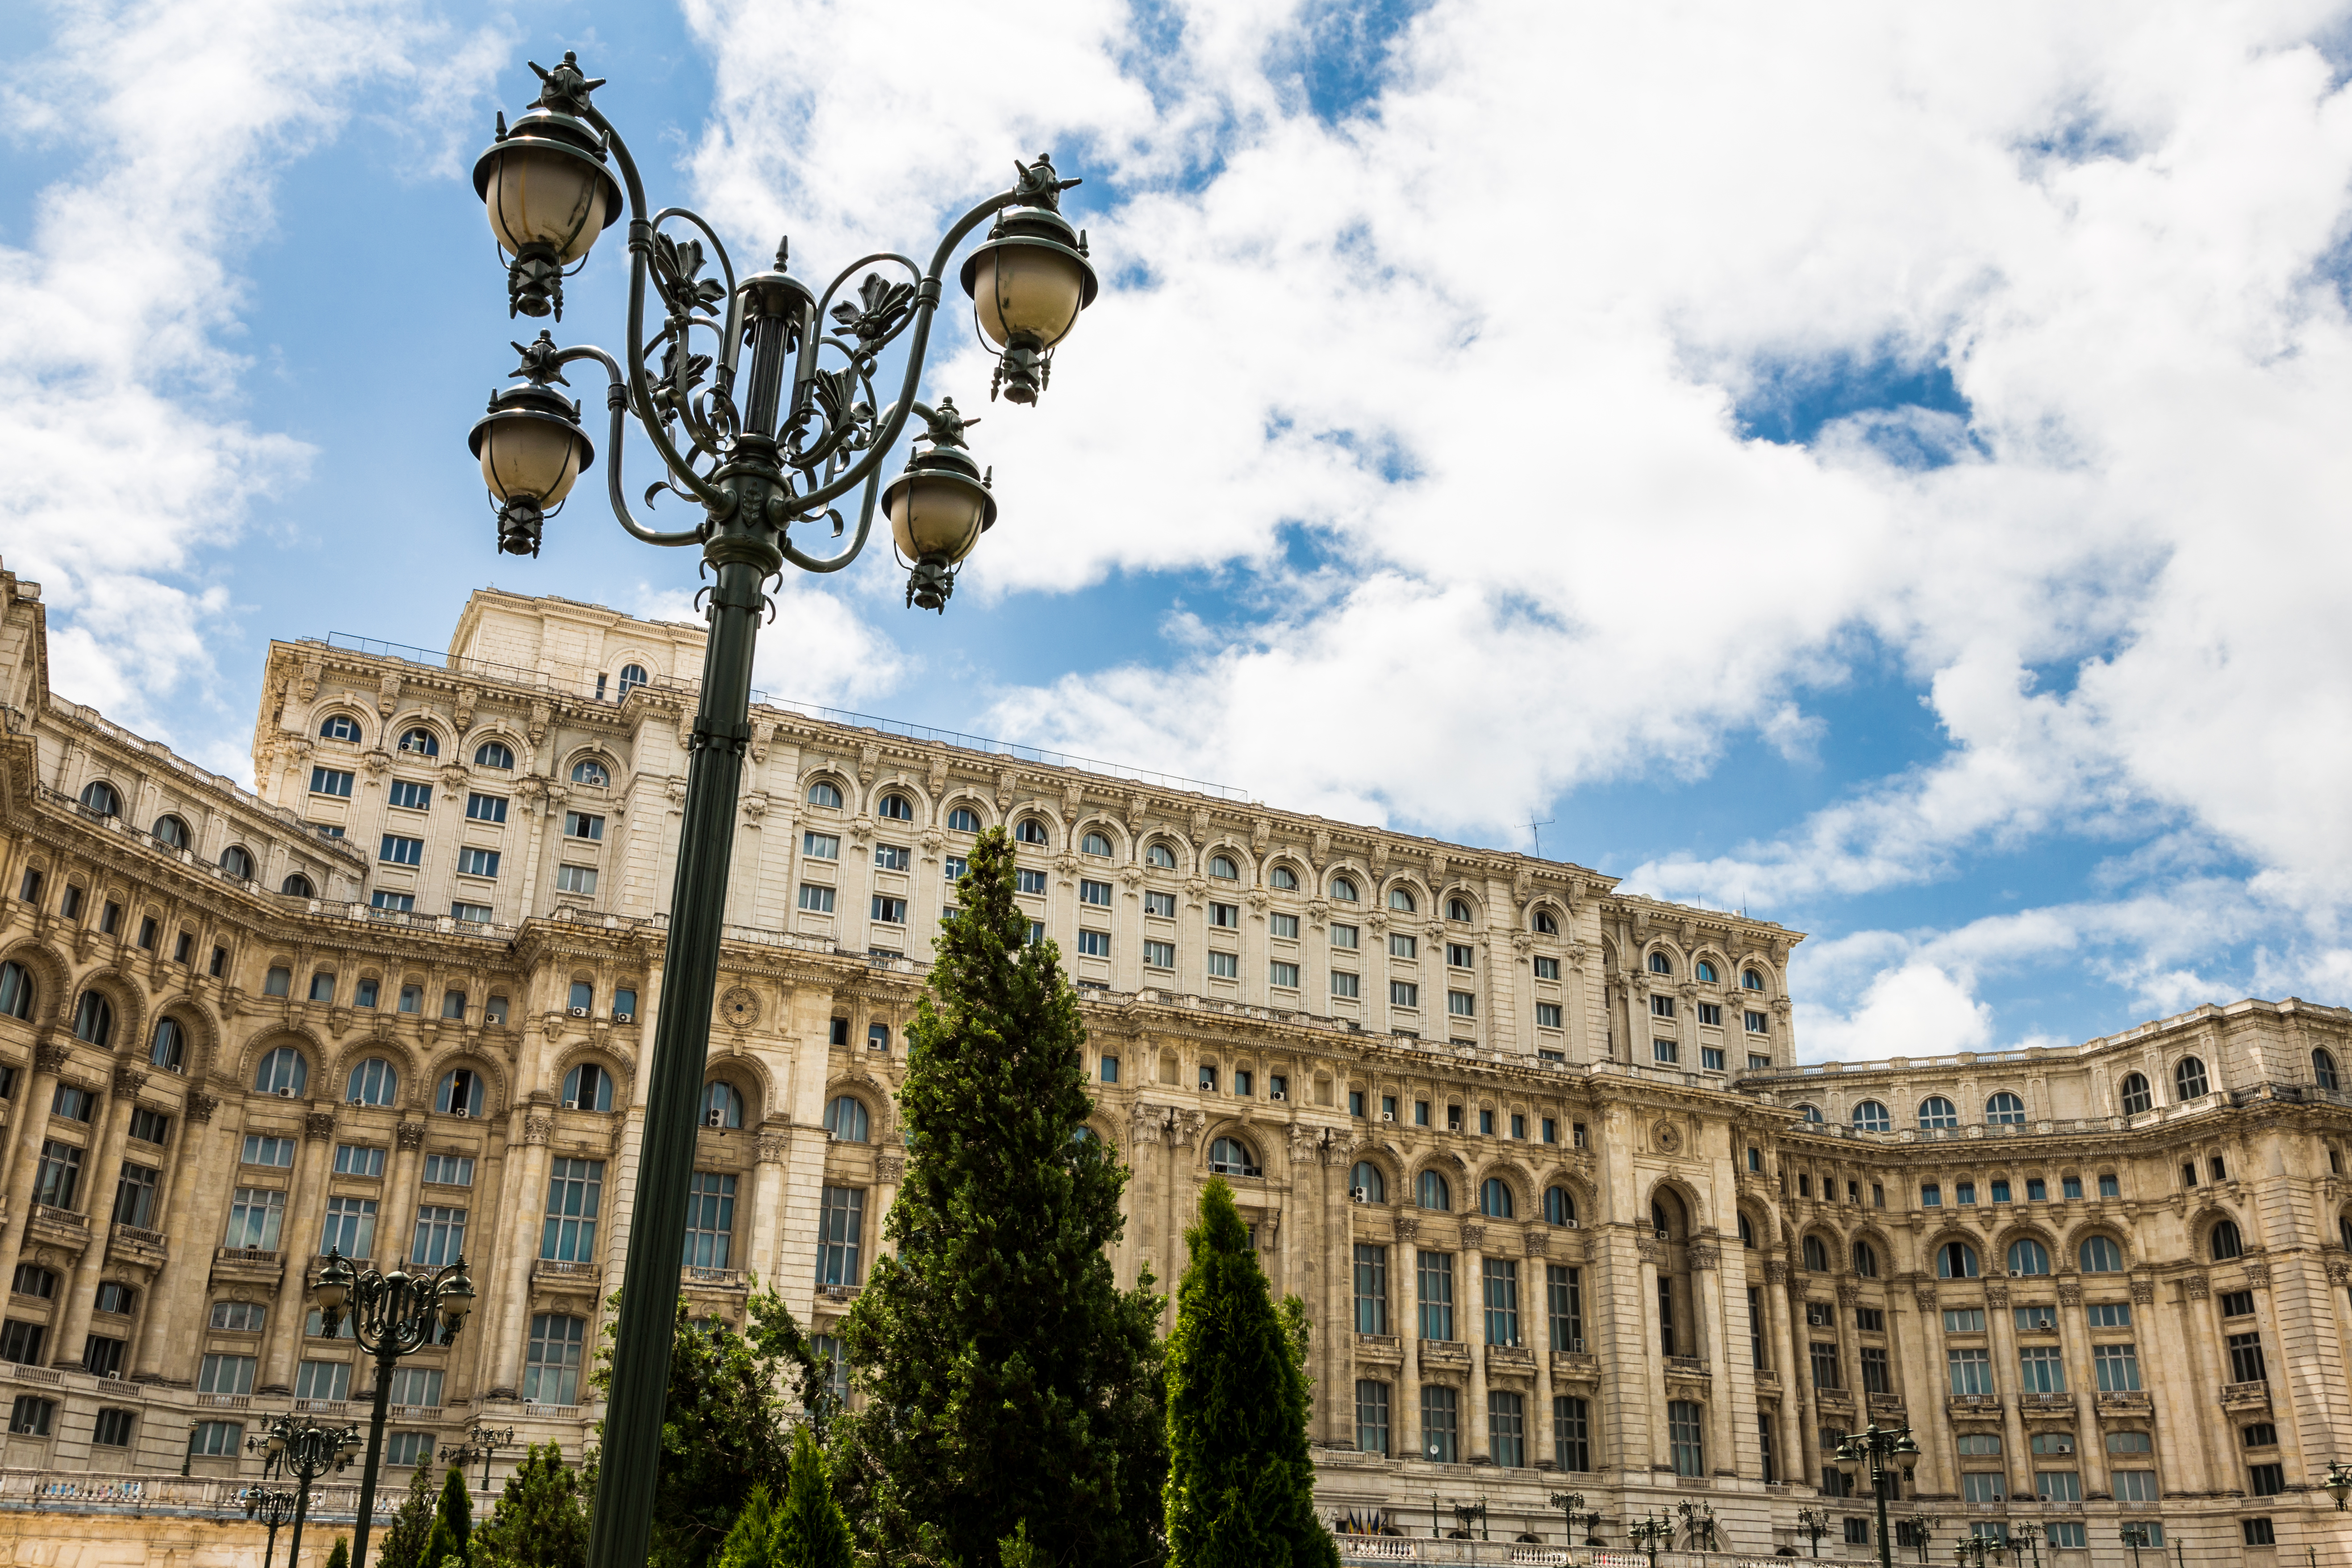 Una visita al mastodóntico Palacio del parlamento ideado por Ceausescu - Rumanía Circuito Lo mejor de Rumanía y Bulgaria